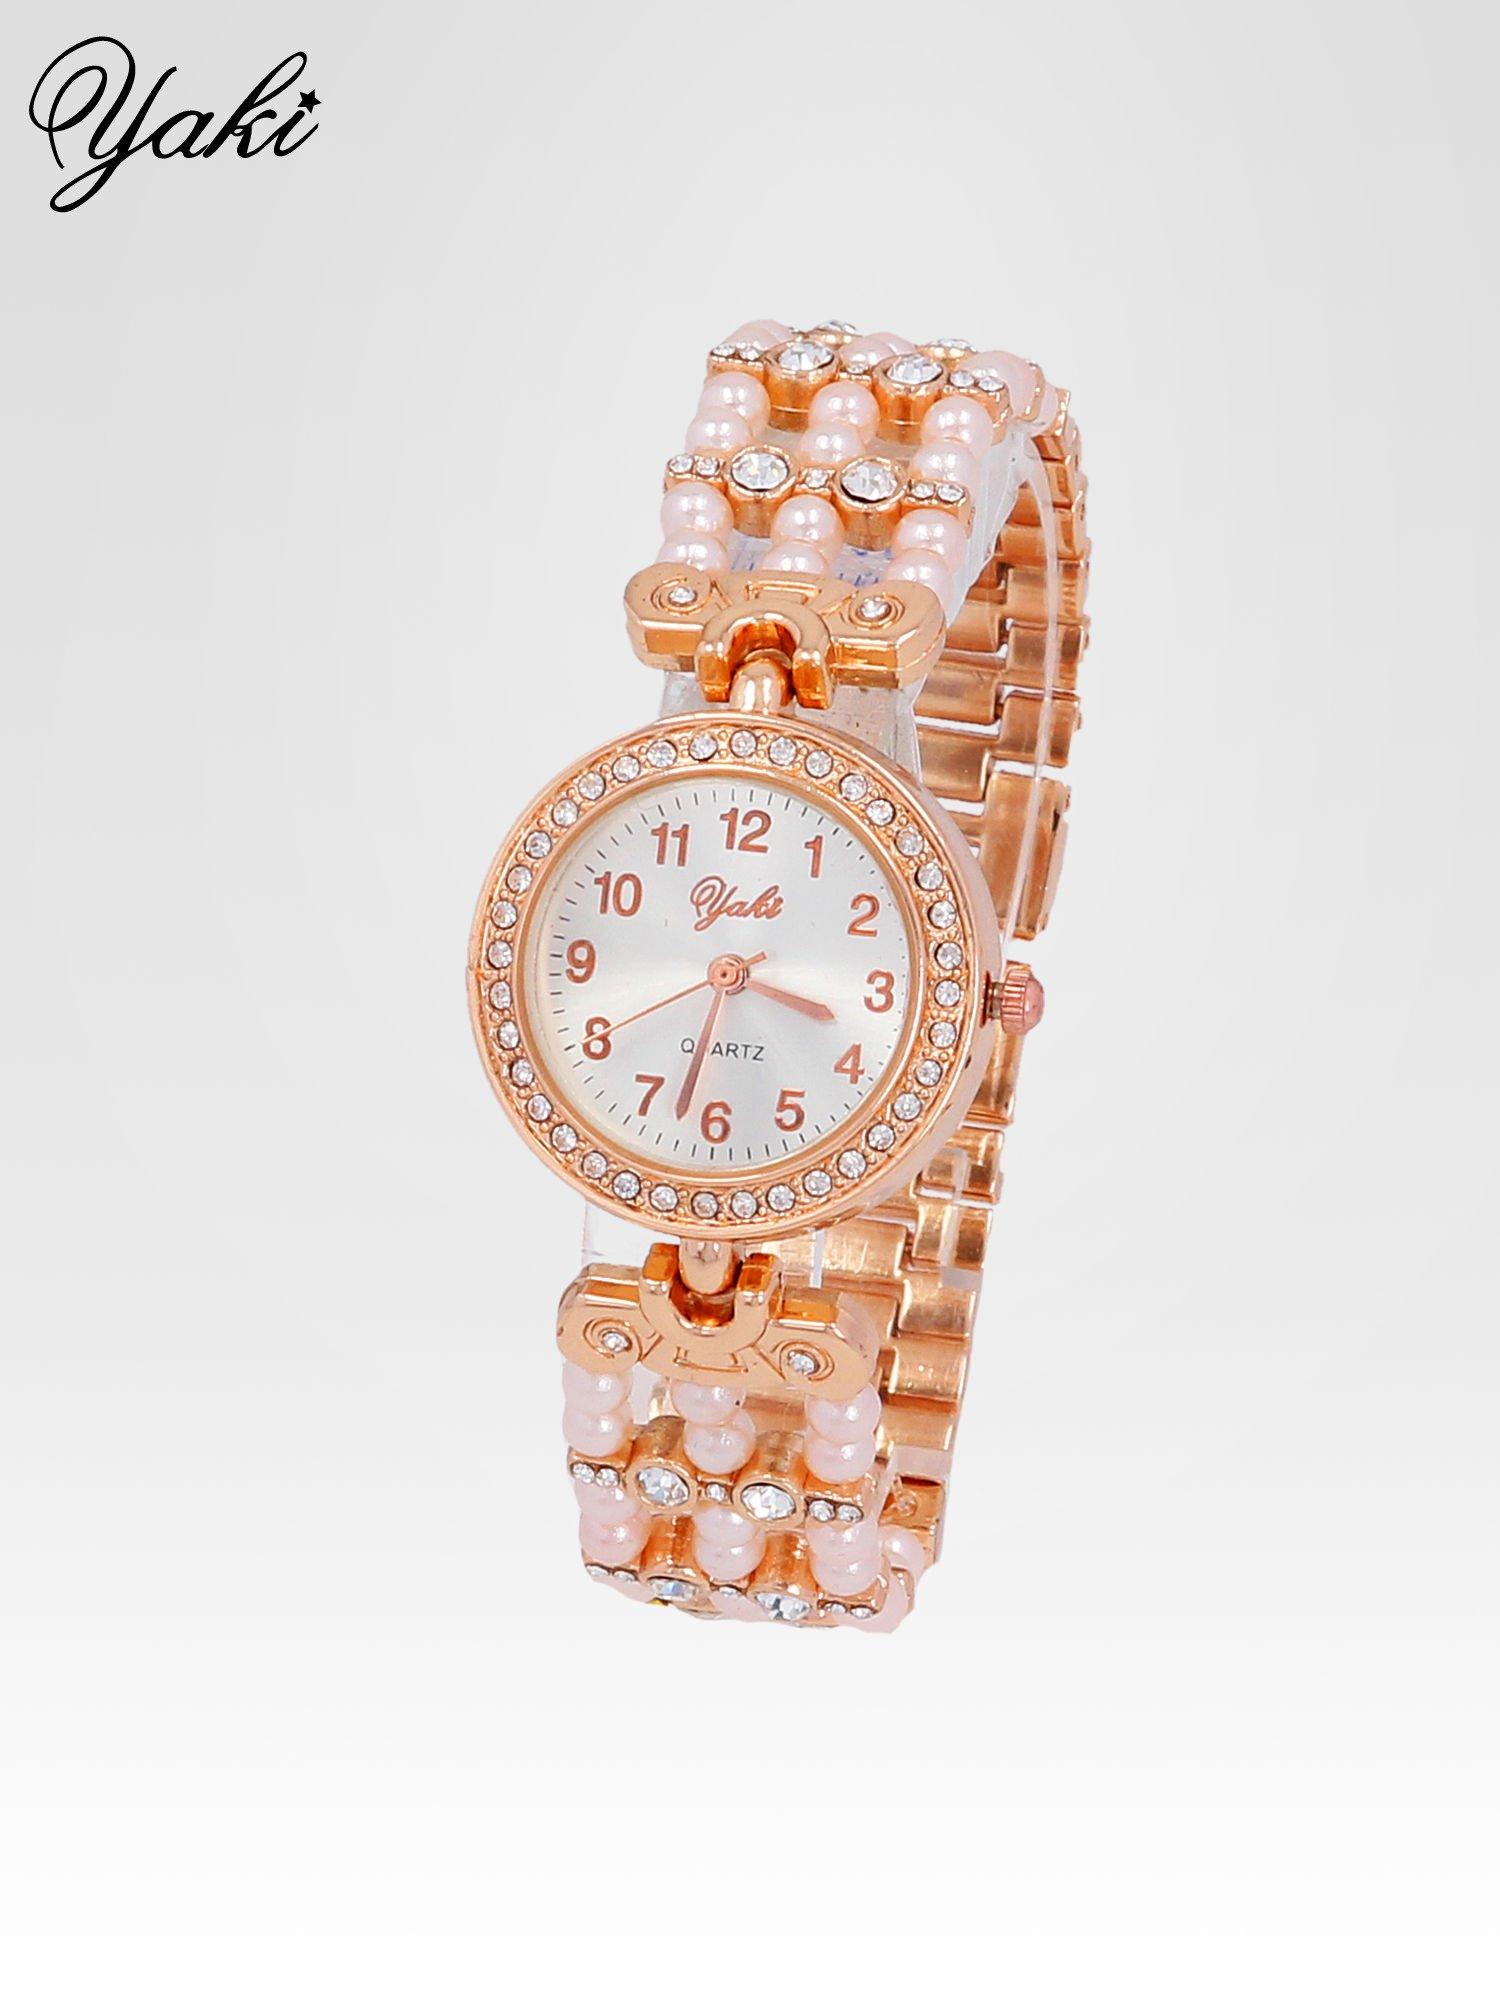 Biżuteryjny zegarek na bransolecie z cyrkoniami w kolorze różowego złota                                  zdj.                                  2